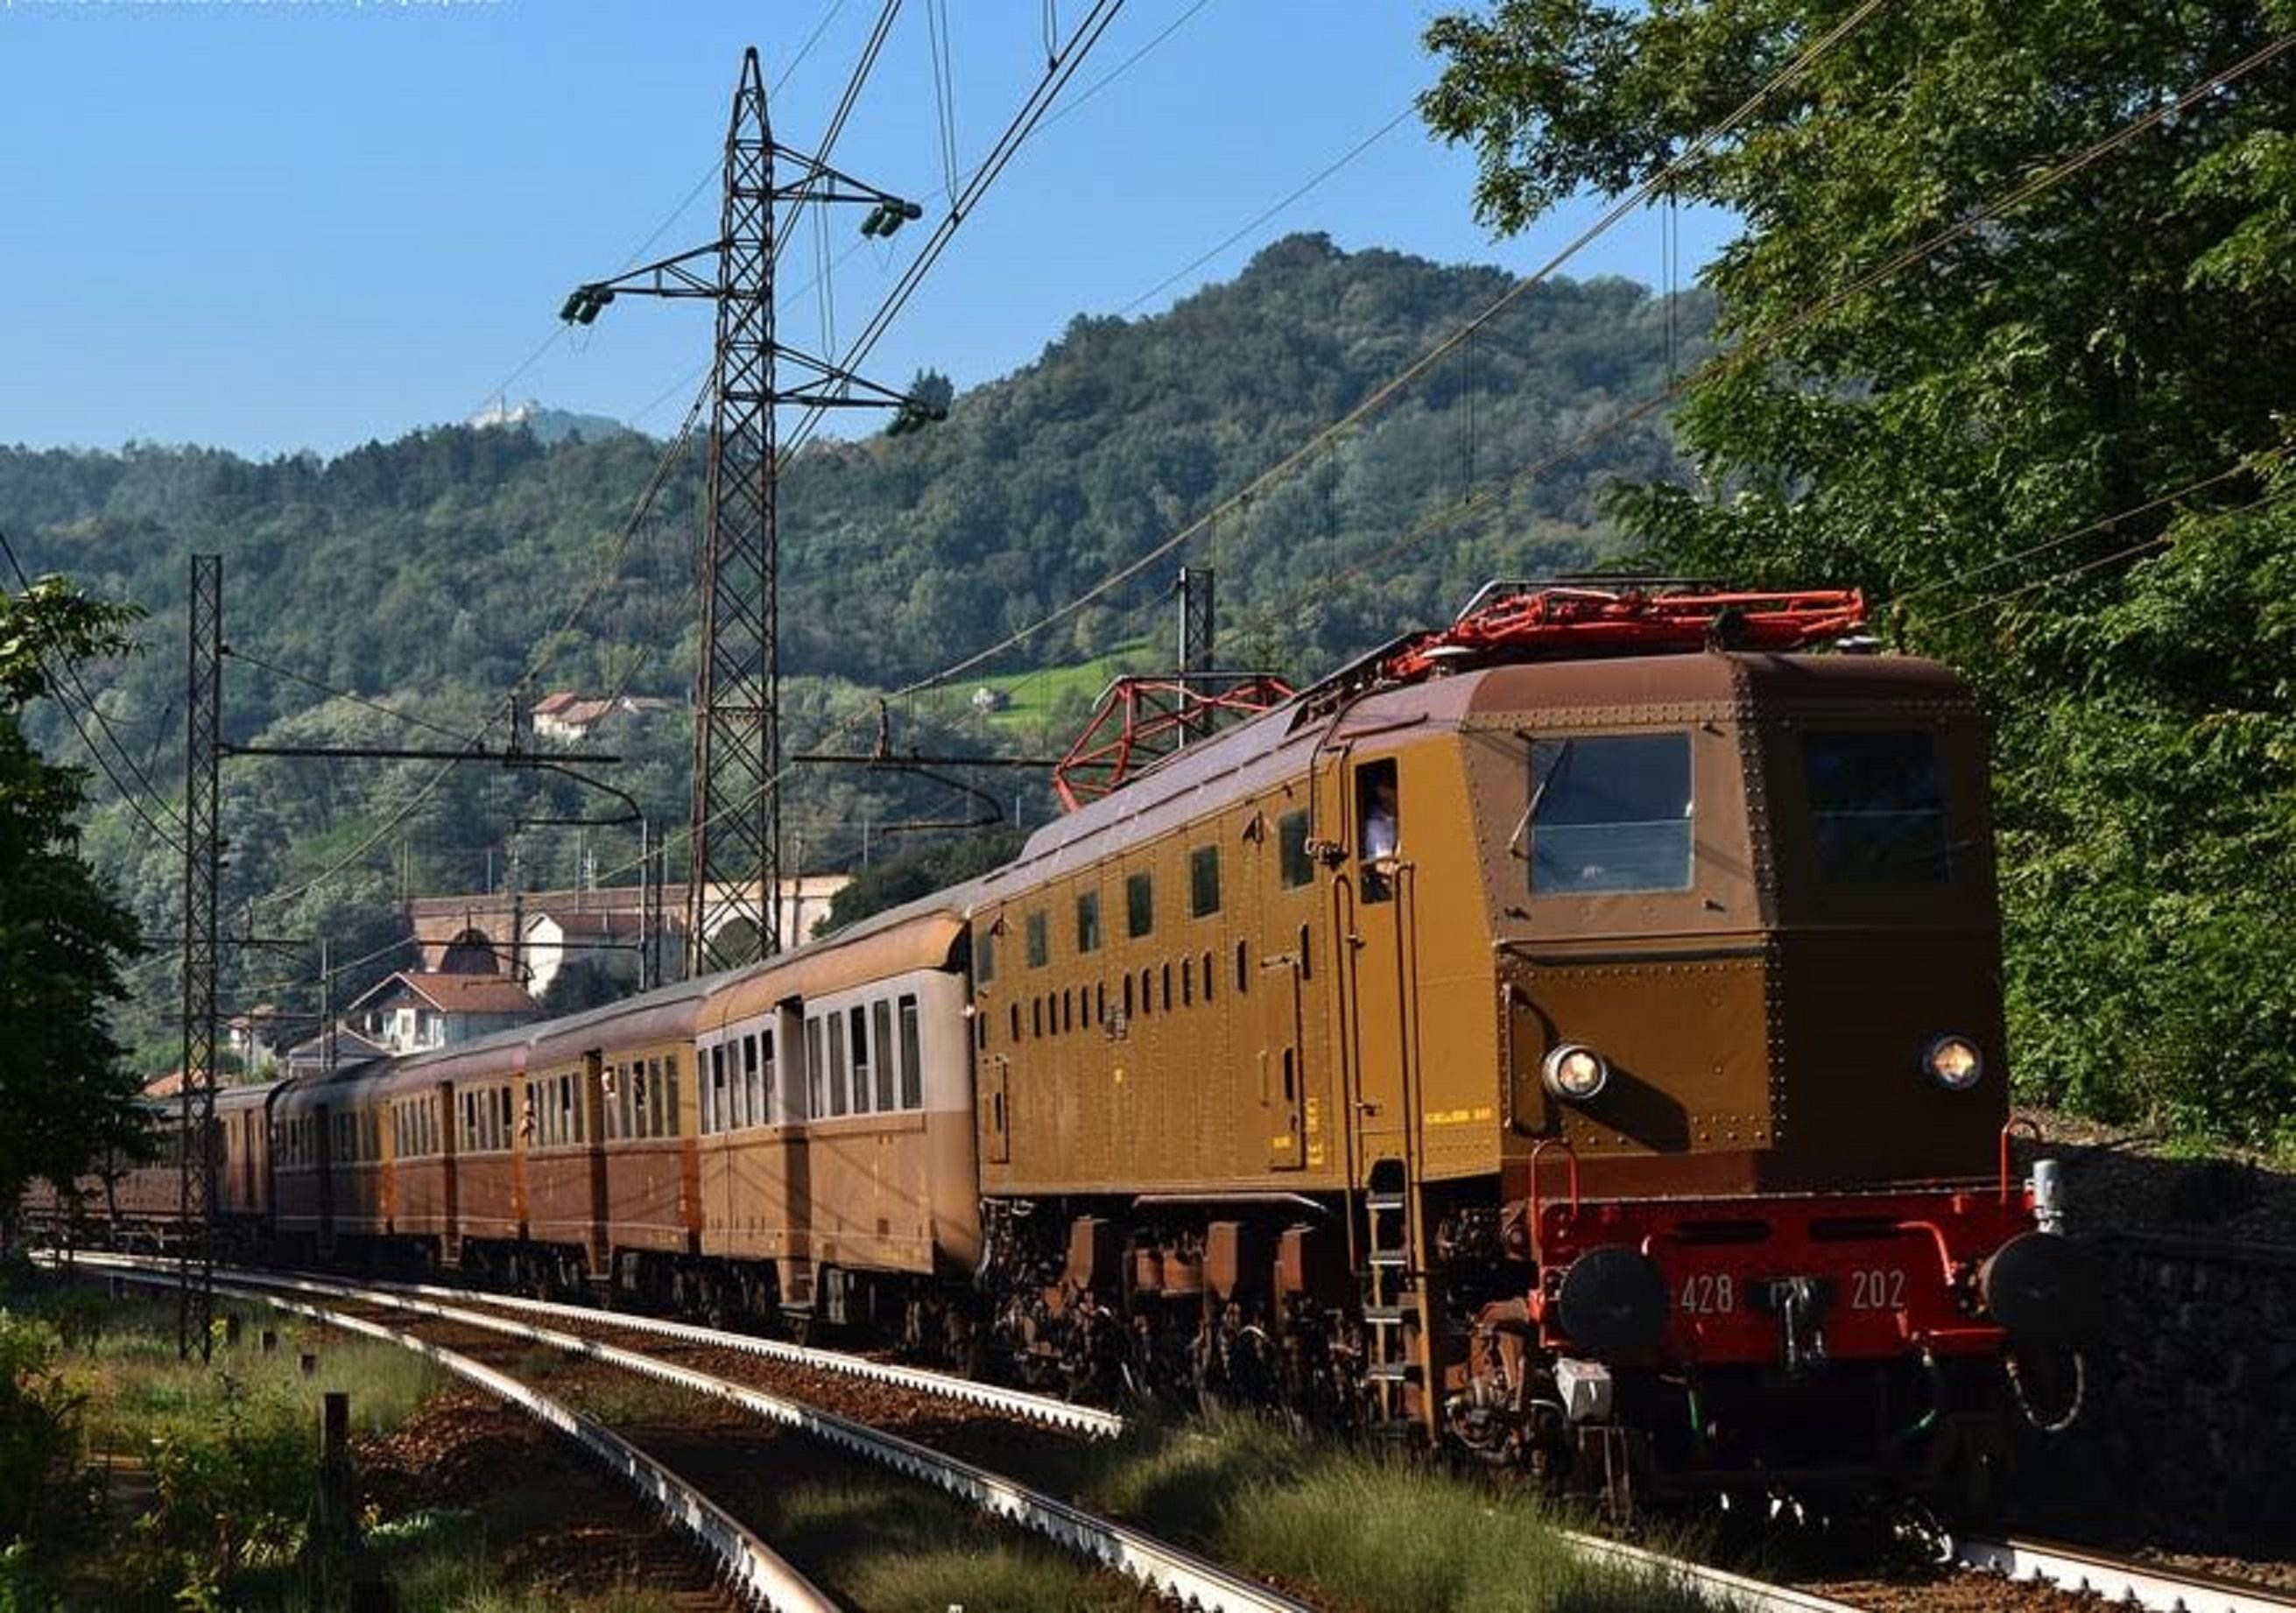 Martedì 1° novembre andata e ritorno da Savona a Taggia